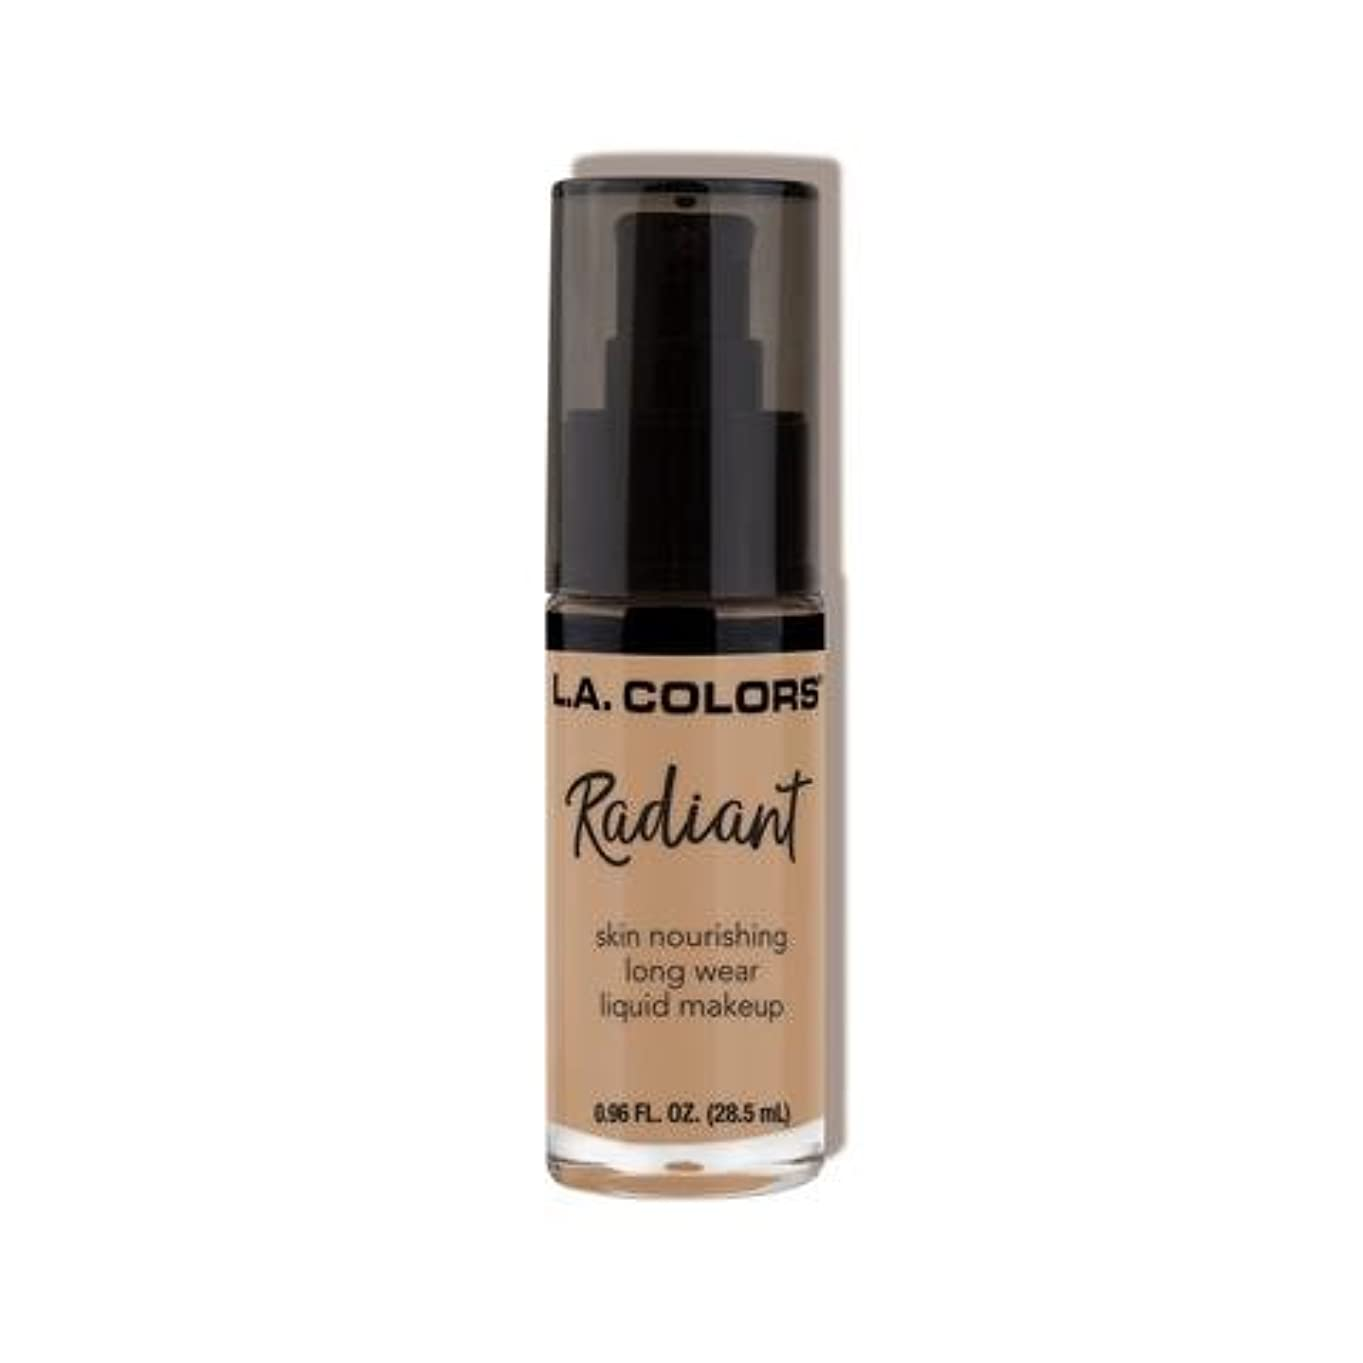 吐き出す悪魔起きている(3 Pack) L.A. COLORS Radiant Liquid Makeup - Medium Beige (並行輸入品)